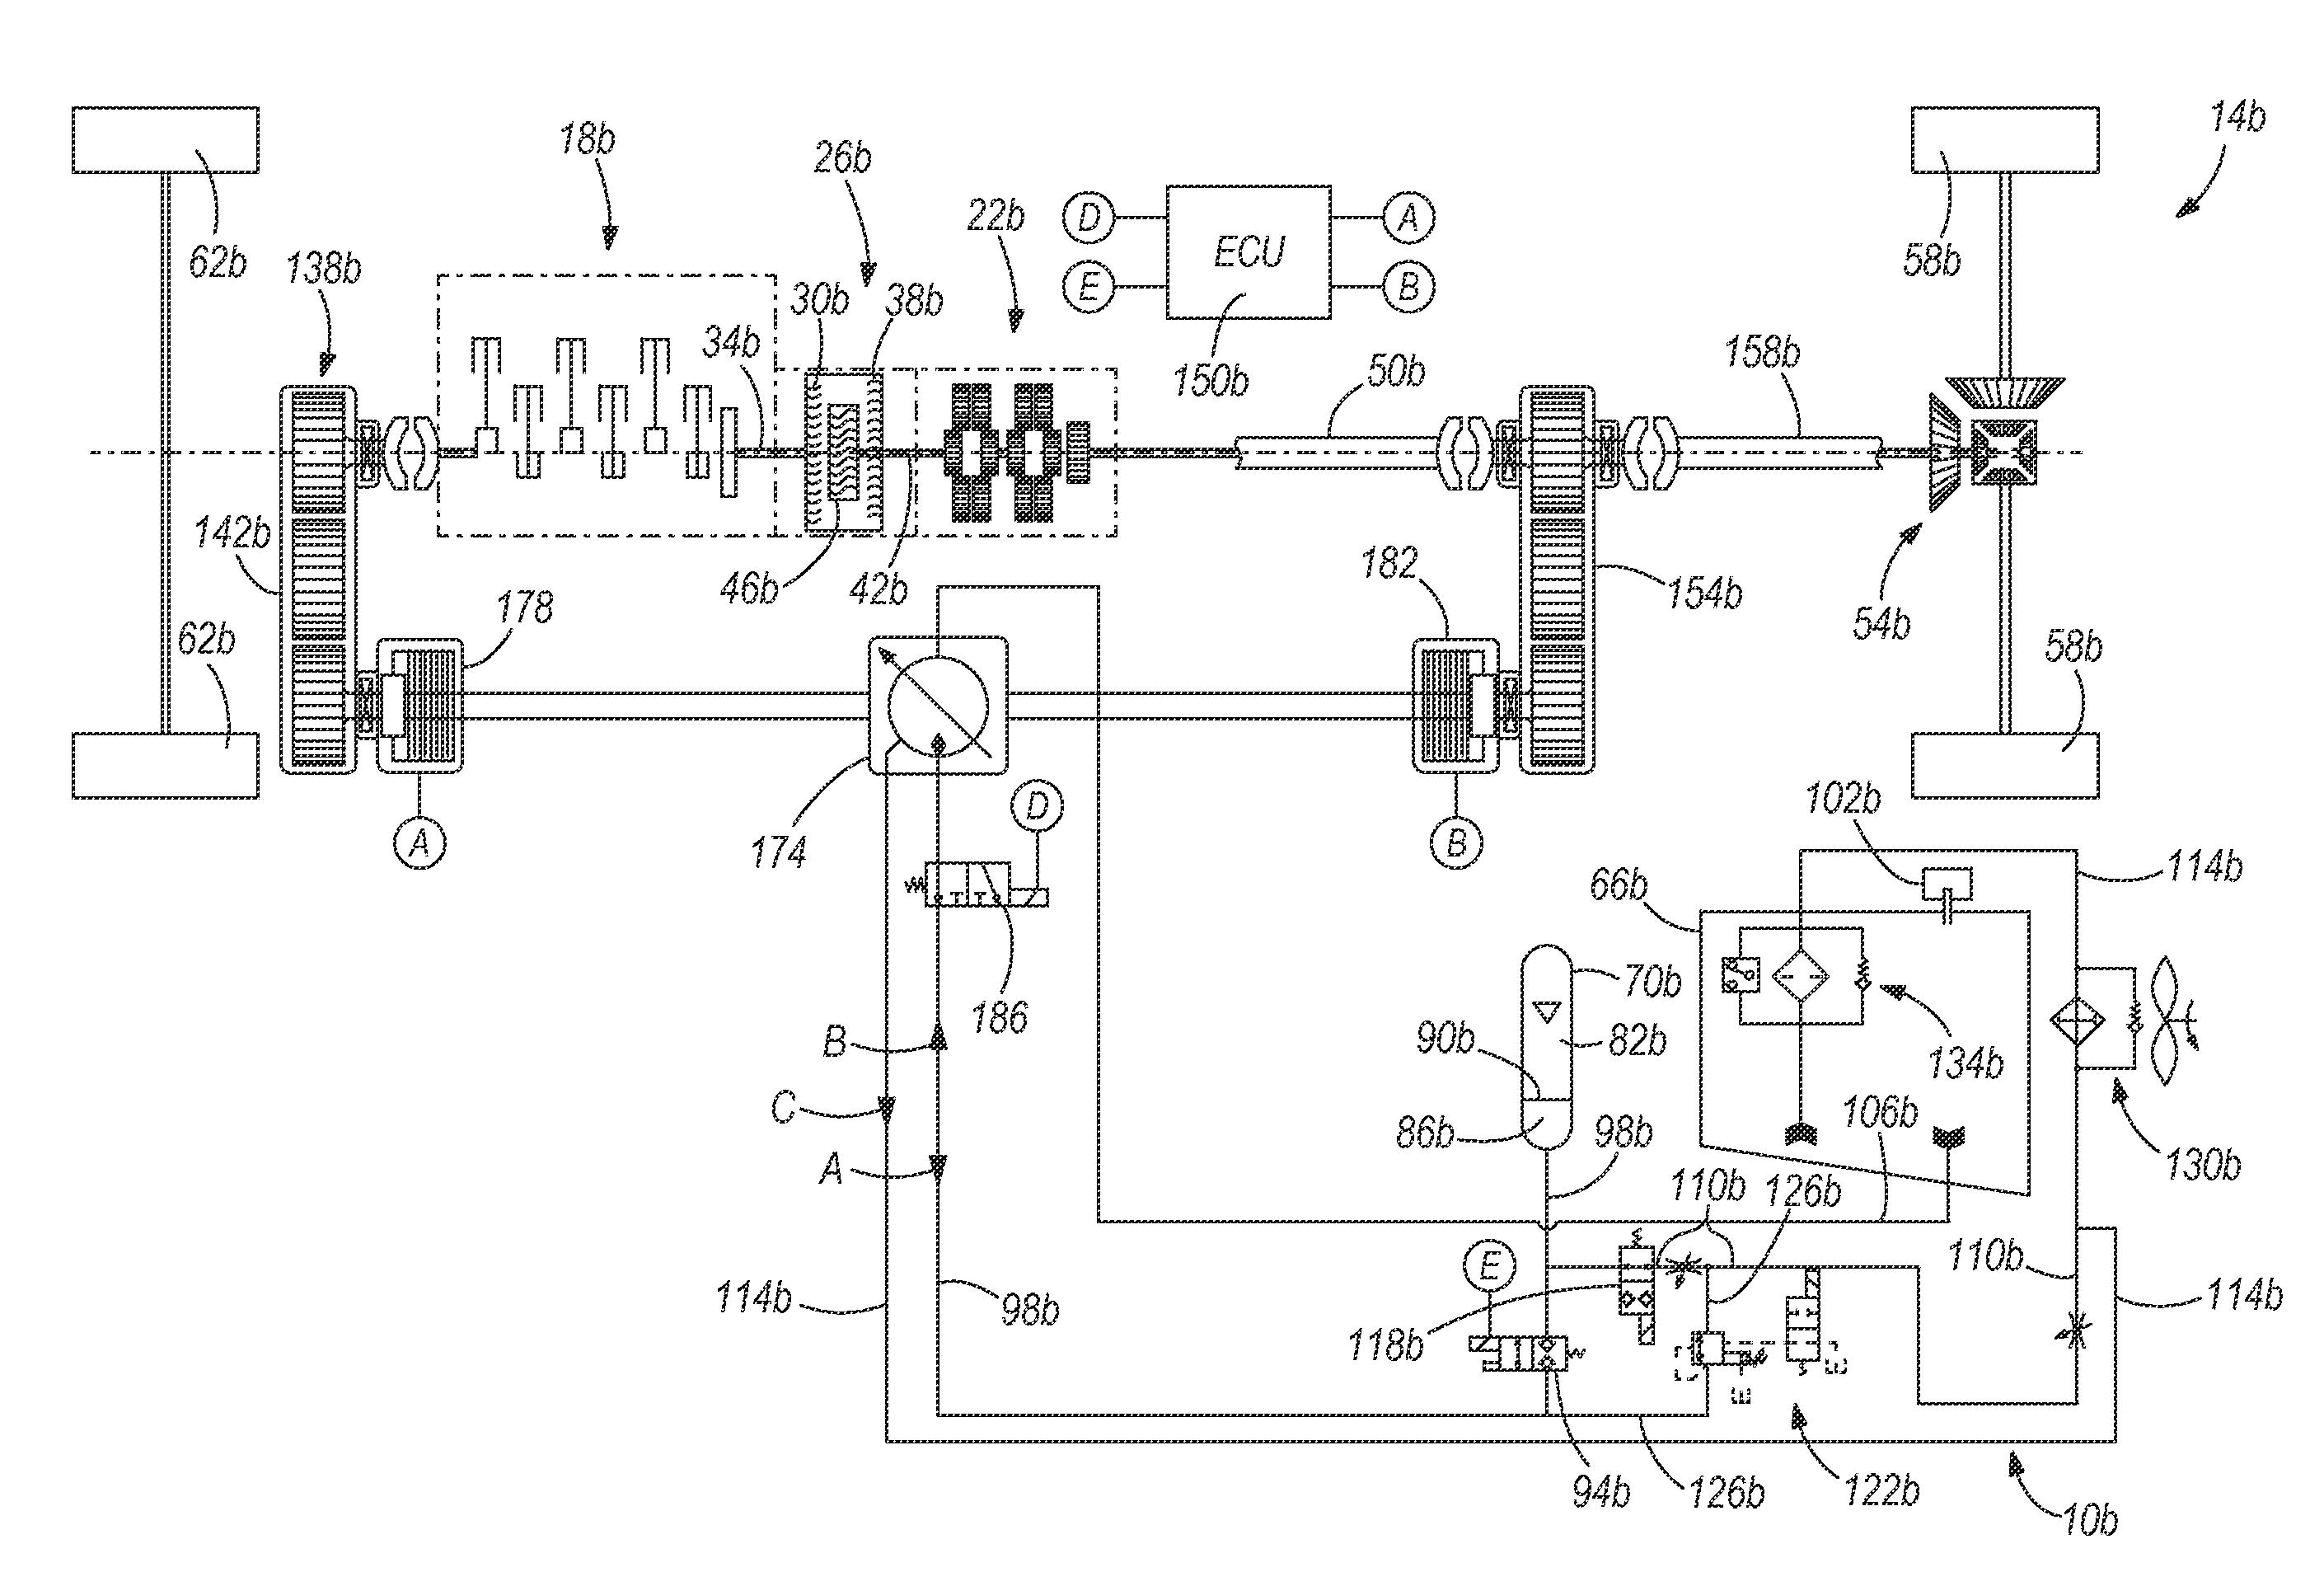 1206 International Tractor Wiring Diagram Schematic Wiring Diagram Understand Understand Lionsclubviterbo It